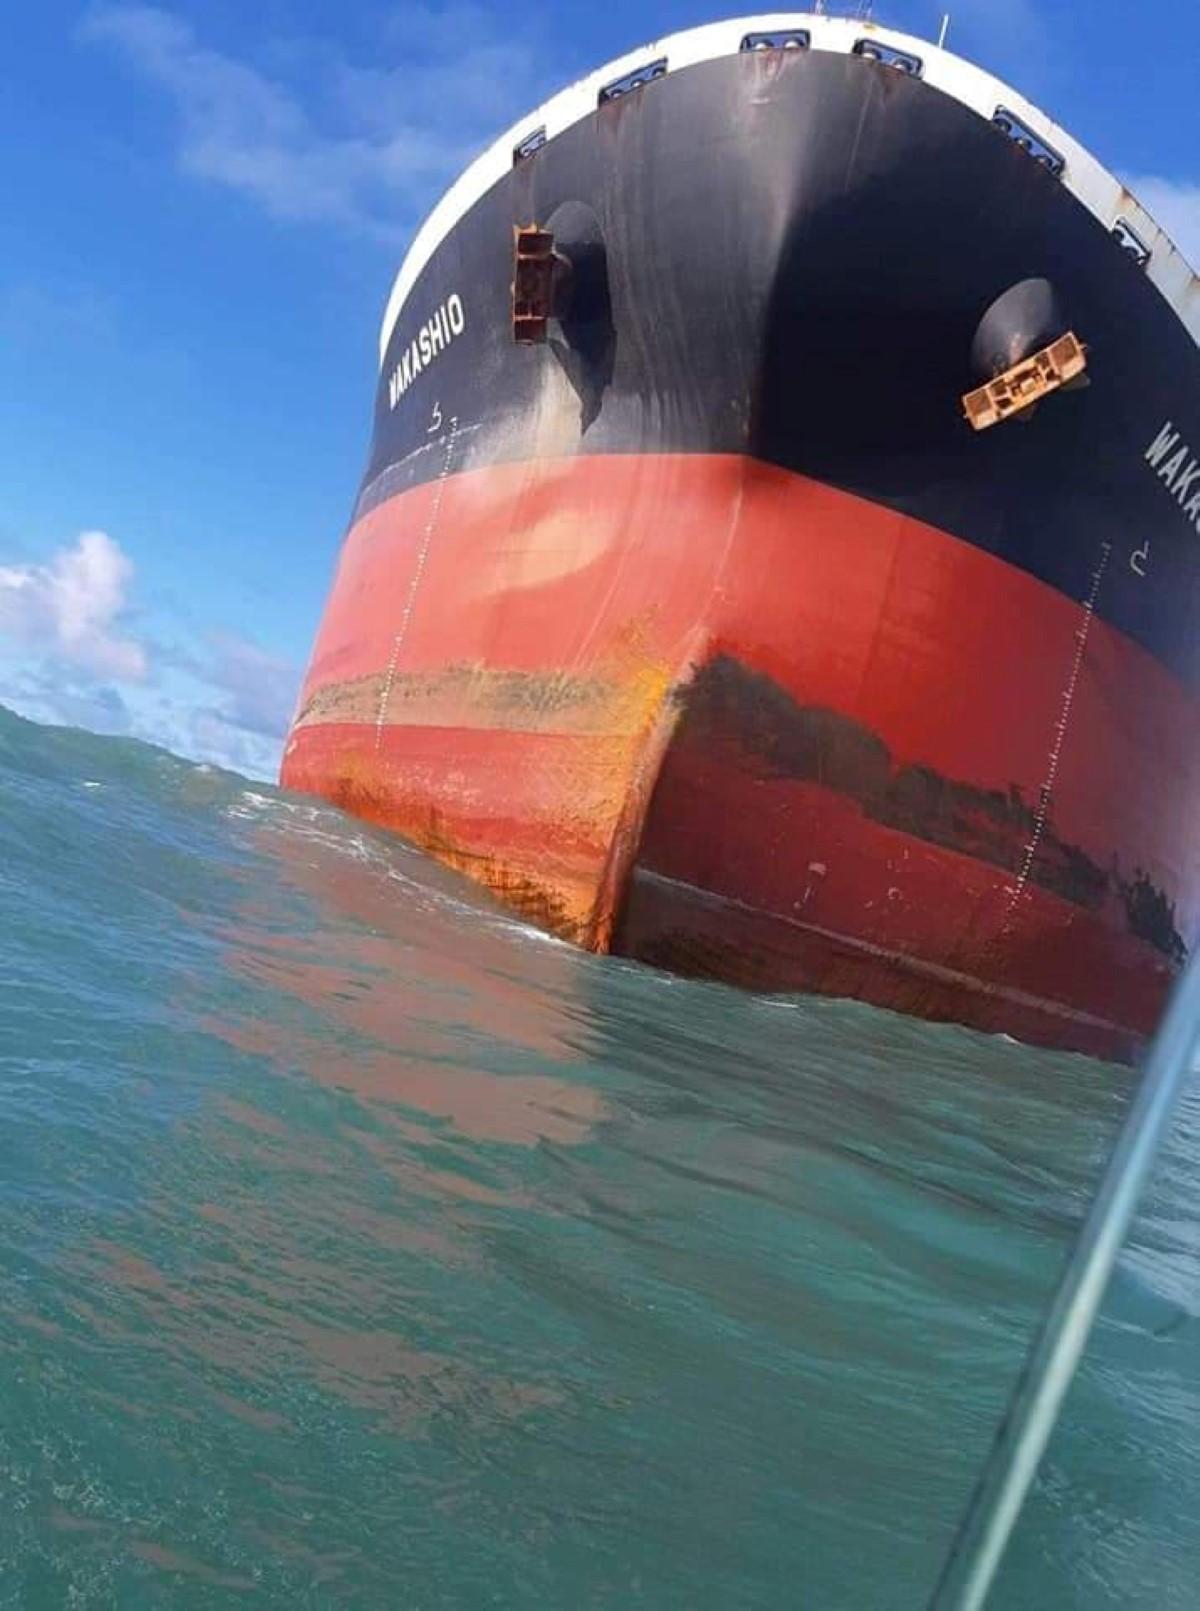 « Les décisions du capitaine ont causé le naufrage du Wakashio »